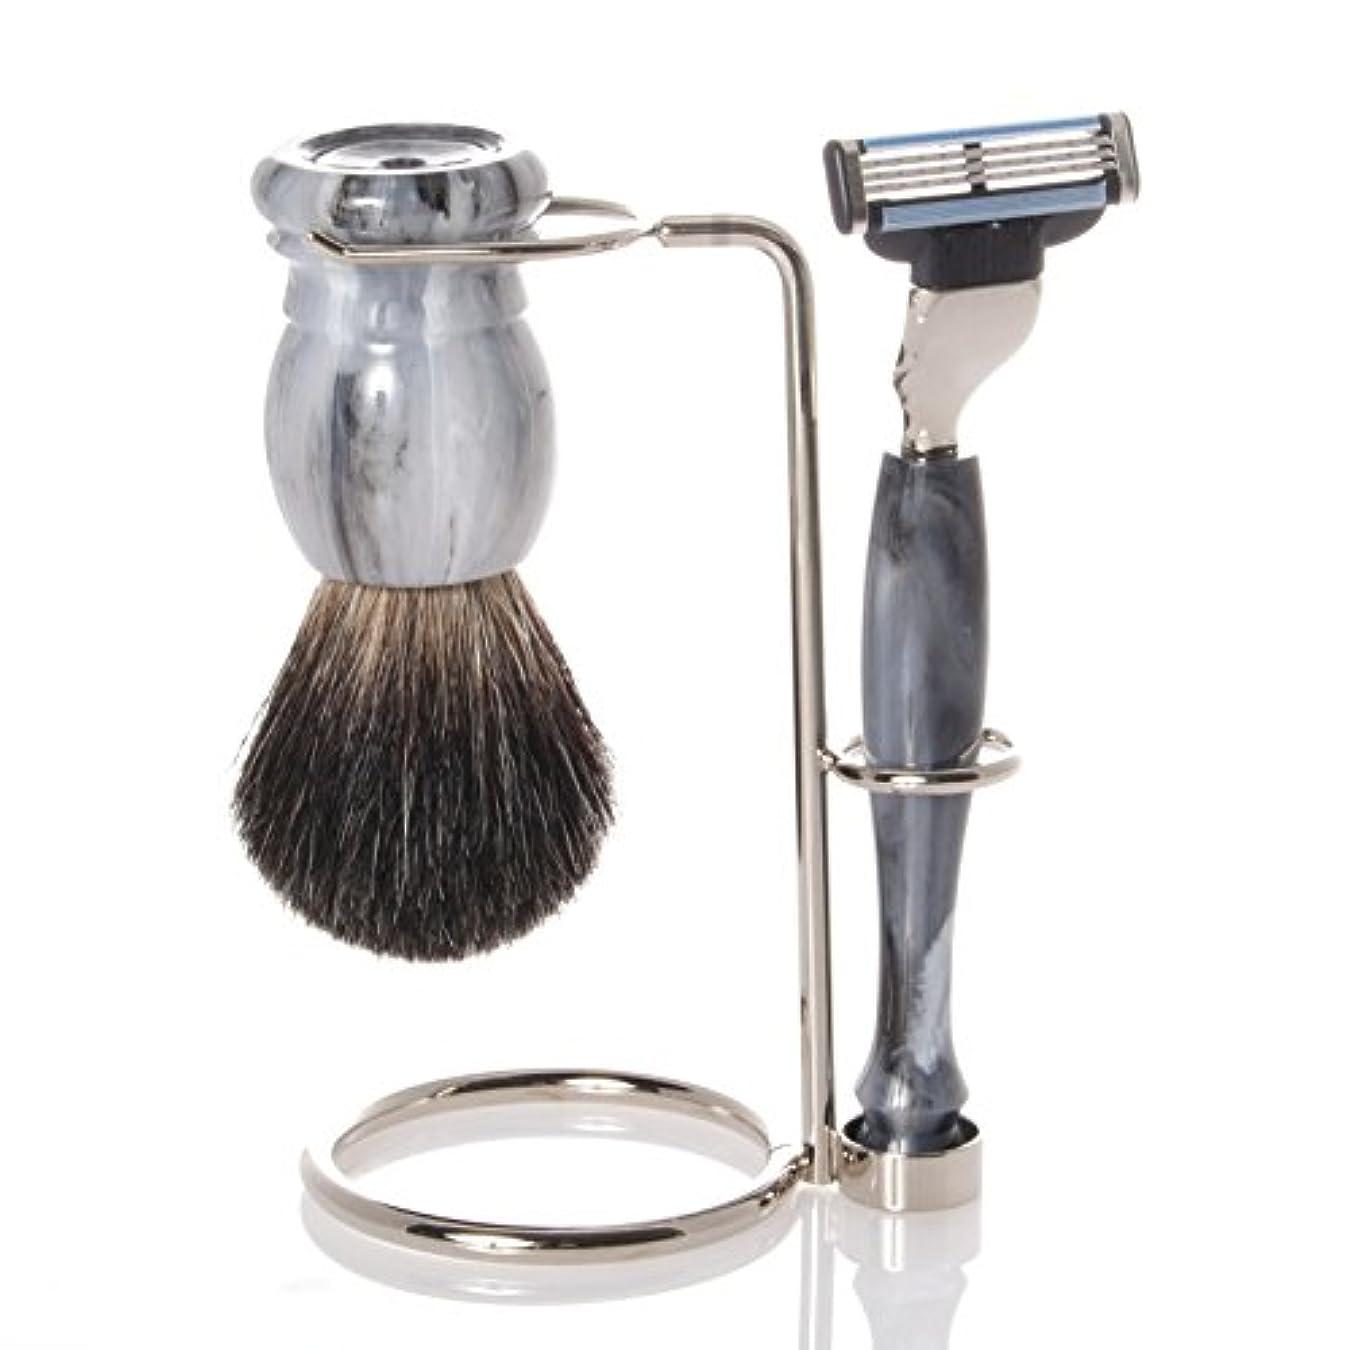 ブロッサムダーベビルのテススペル髭剃りセット、ホルダー、グレー?オジャー?ブラシ、カミソリ - Hans Baier Exclusive